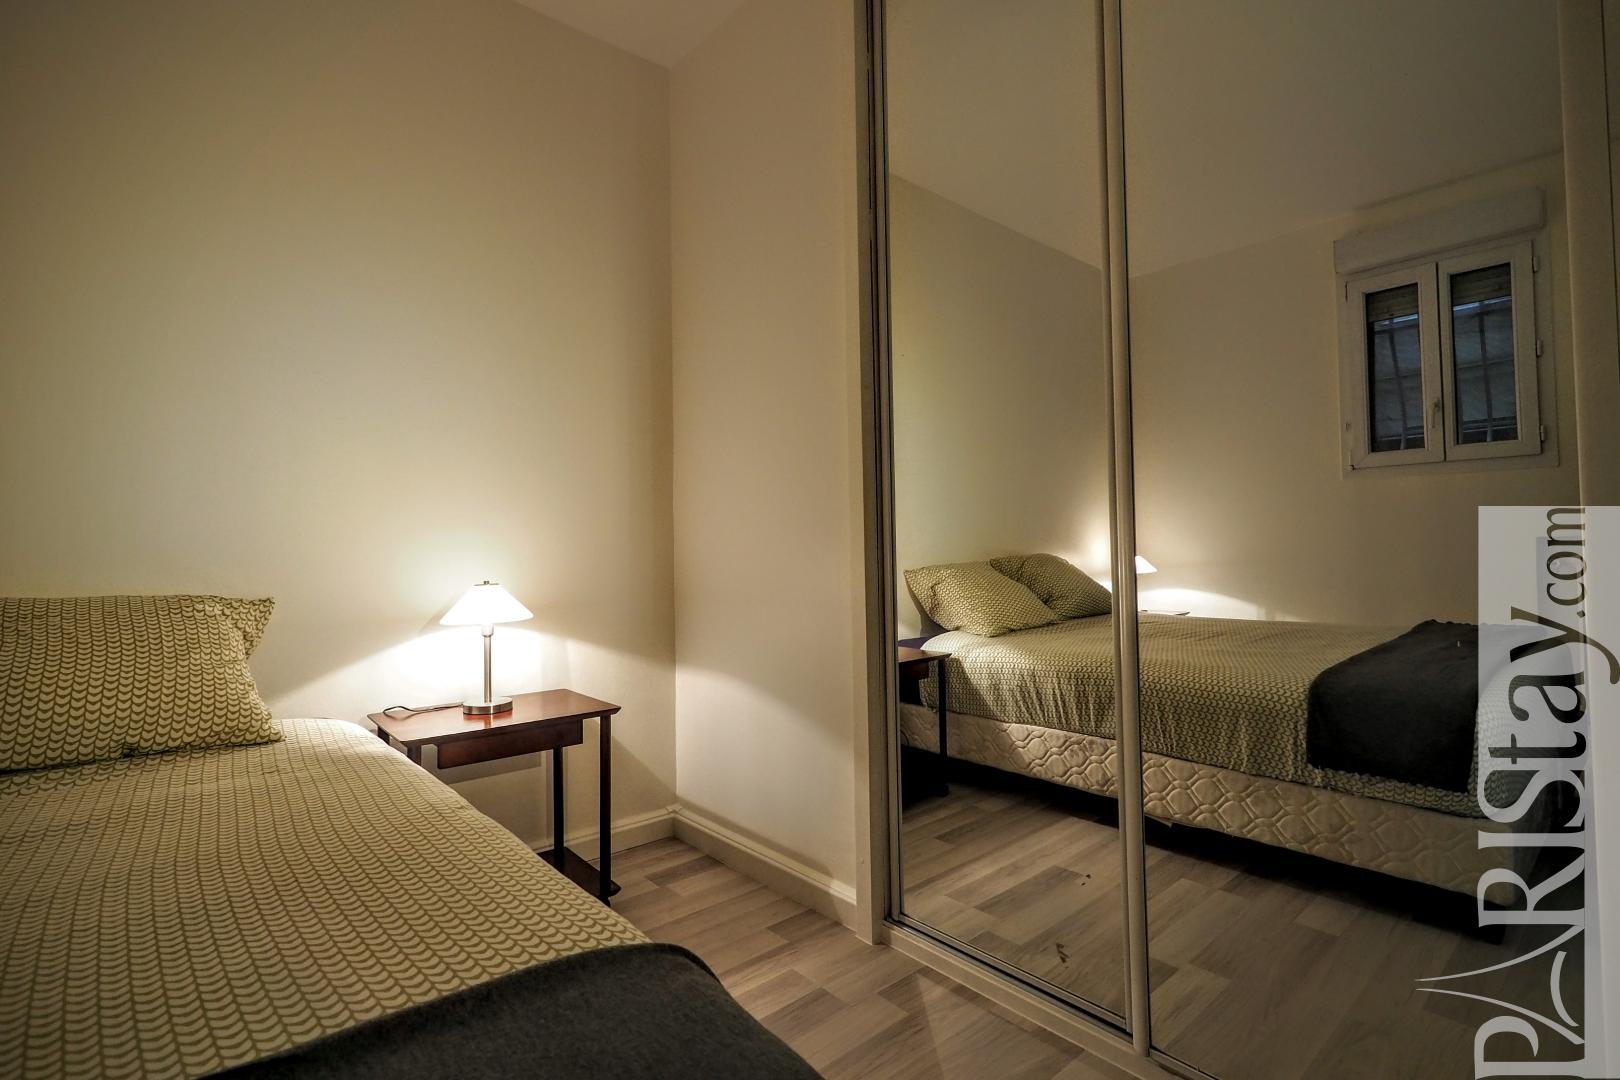 Location appartement t3 paris 2 chambres quartier wagram - Location appartement 2 chambres ...